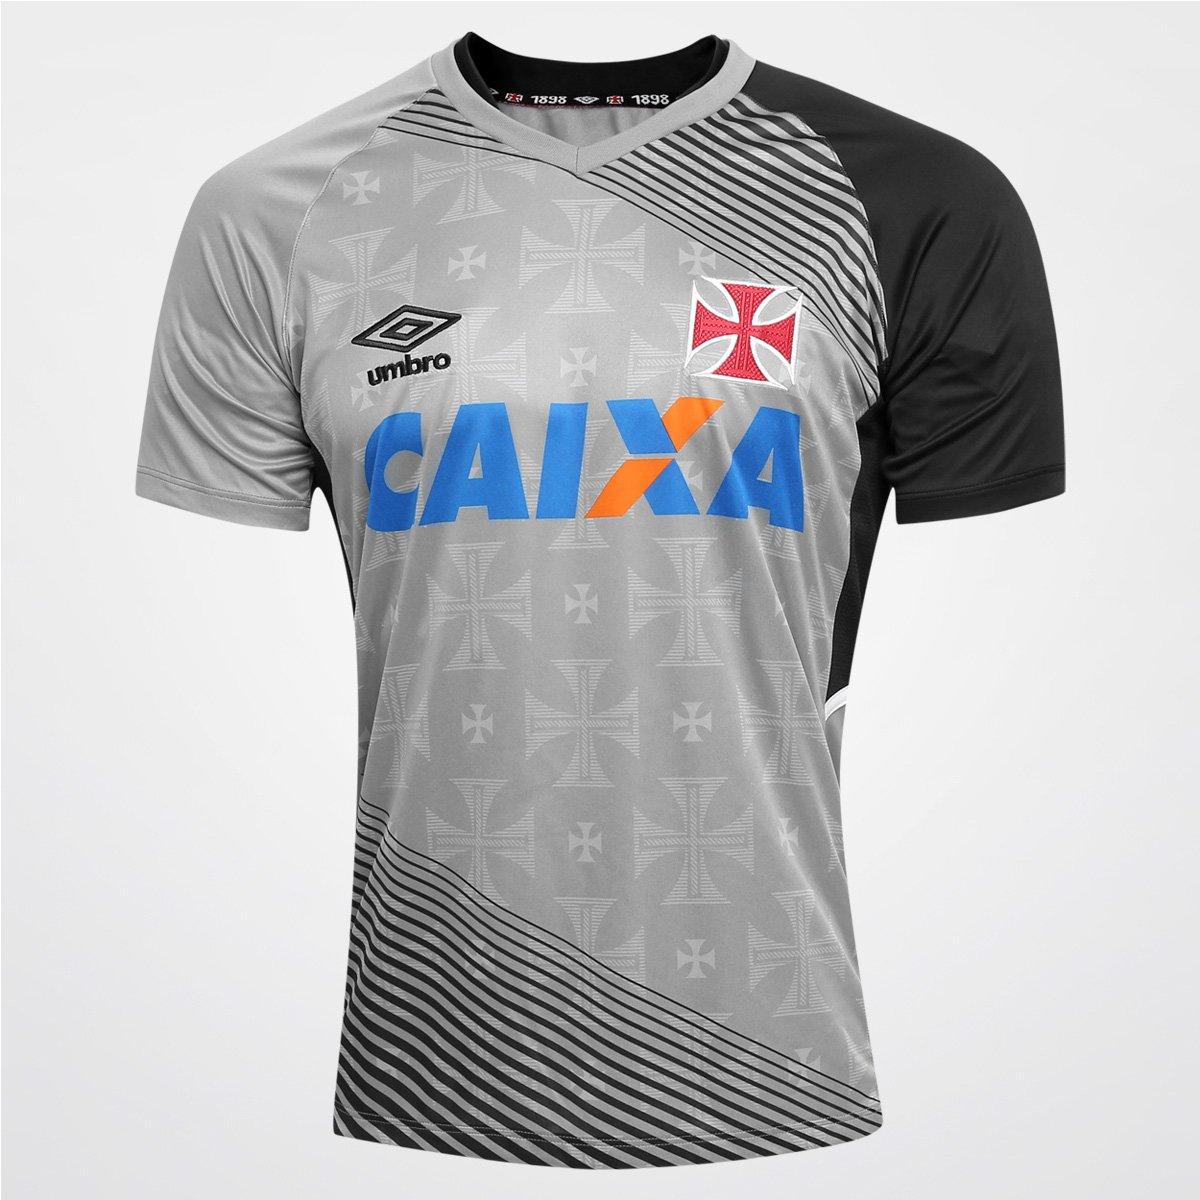 Camisa Umbro Vasco Treino 2014 - Compre Agora  14a819adaa6de